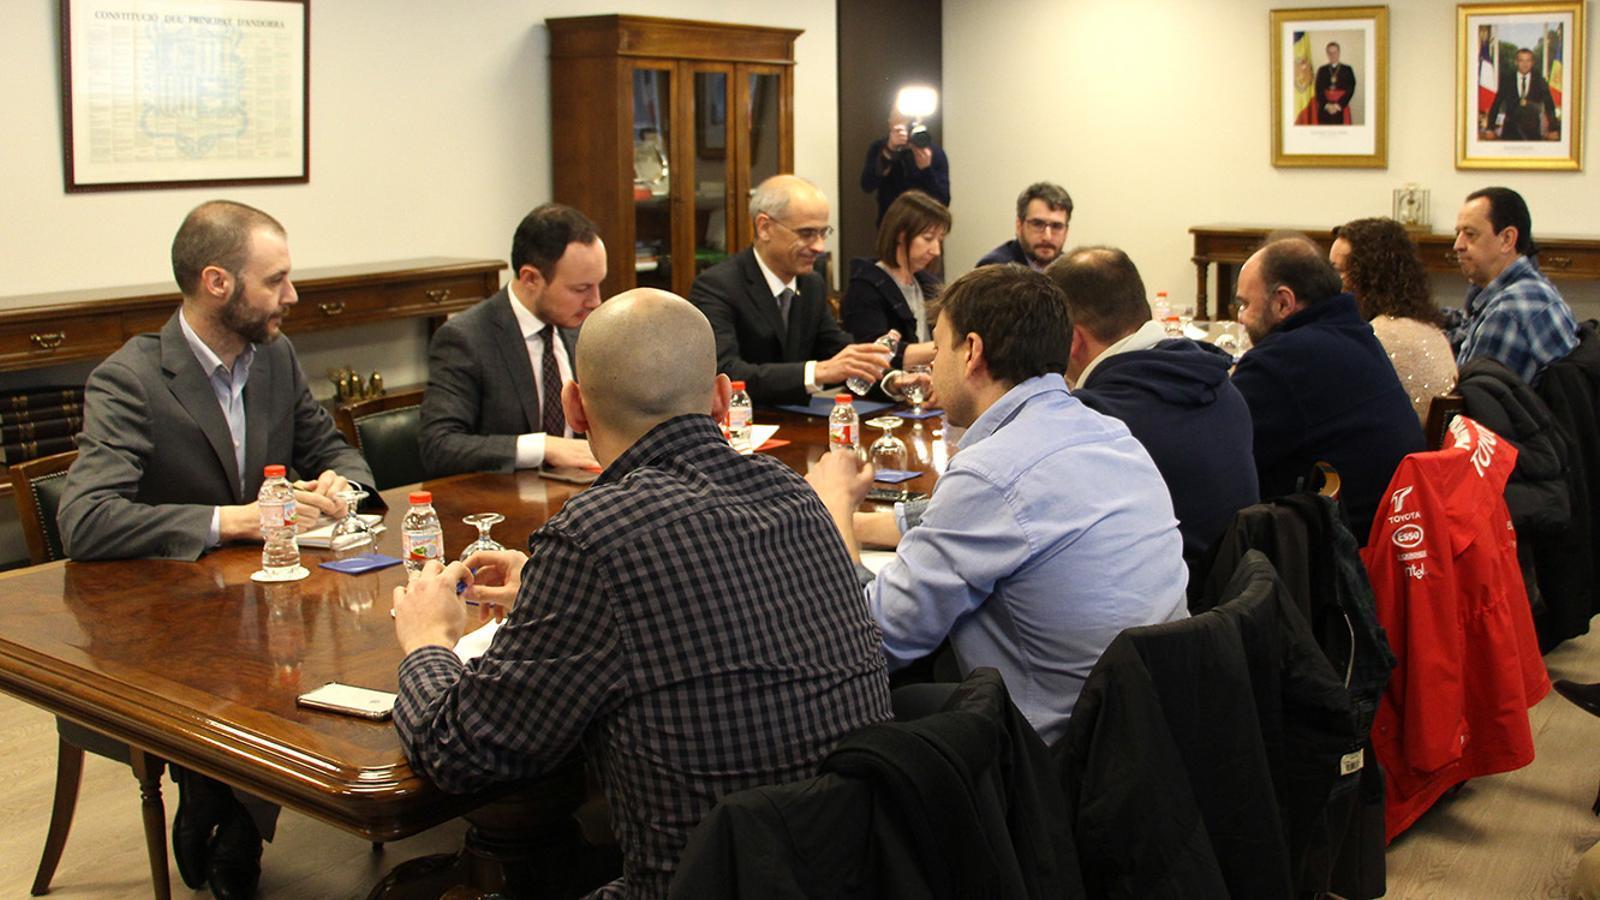 Un moment de la reunió entre els representants sindicals i els membres del Govern, aquest dimarts al matí. / C. G. (ANA)